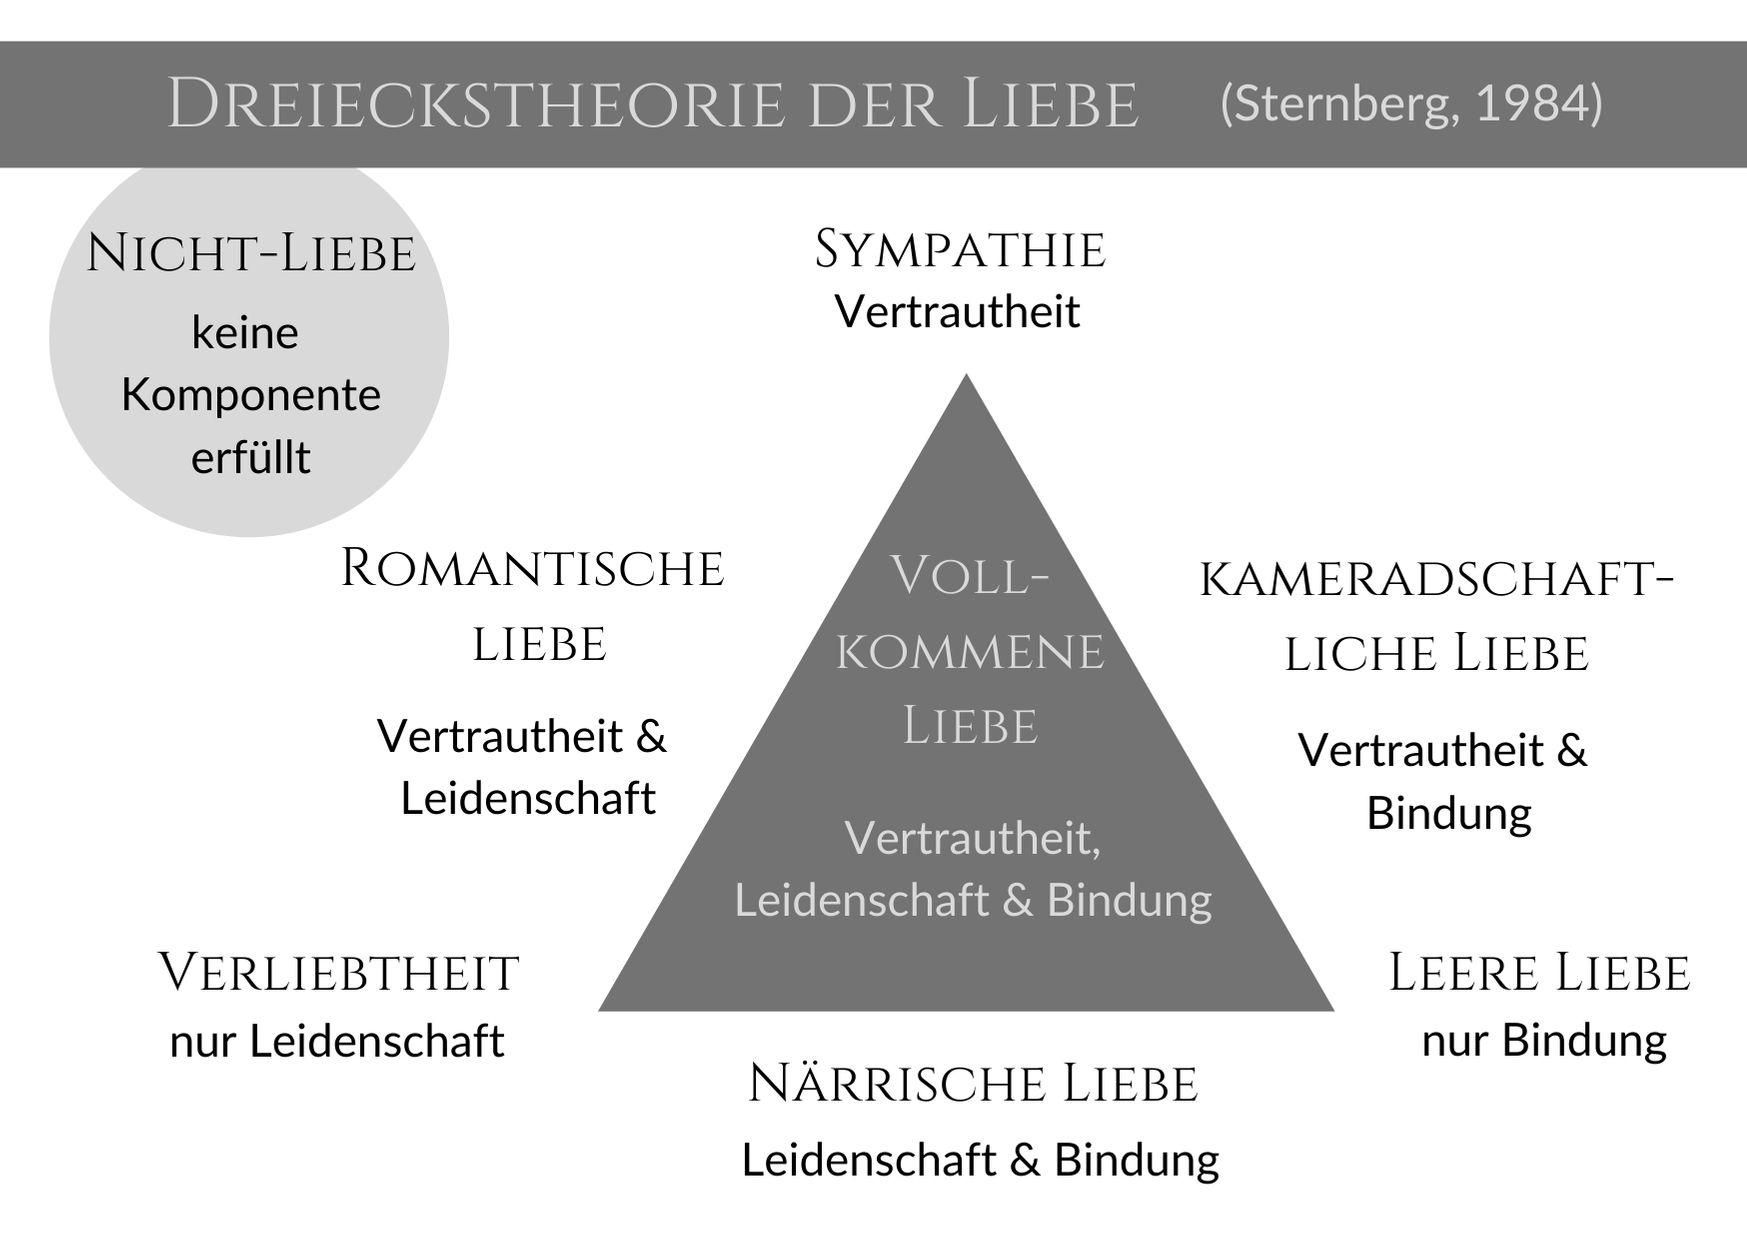 Dreieckstheorie der Liebe Sternberg